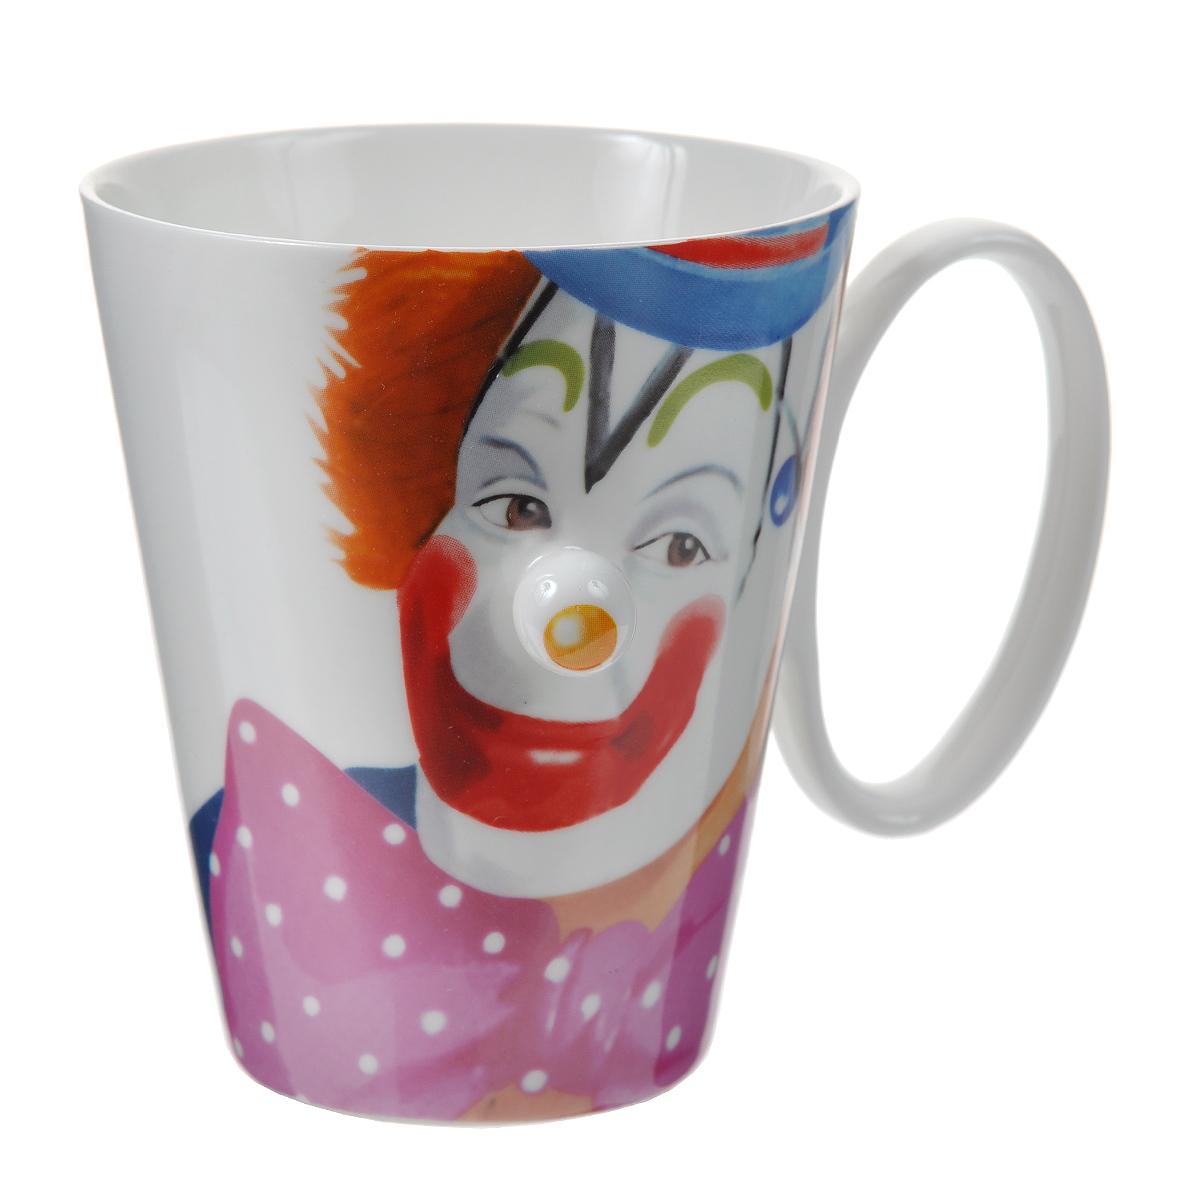 """Оригинальная кружка """"Клоун"""" выполнена из керамики и оформлена забавным изображением клоуна с выступающим желтым носом. Такая кружка станет не только приятным, но и практичным сувениром. Характеристики:  Материал:  керамика. Высота кружки:  10 см. Диаметр по верхнему краю: 8,5 см. Размер упаковки:  11,5 см х 9,5 см х 11 см. Артикул: 002716."""